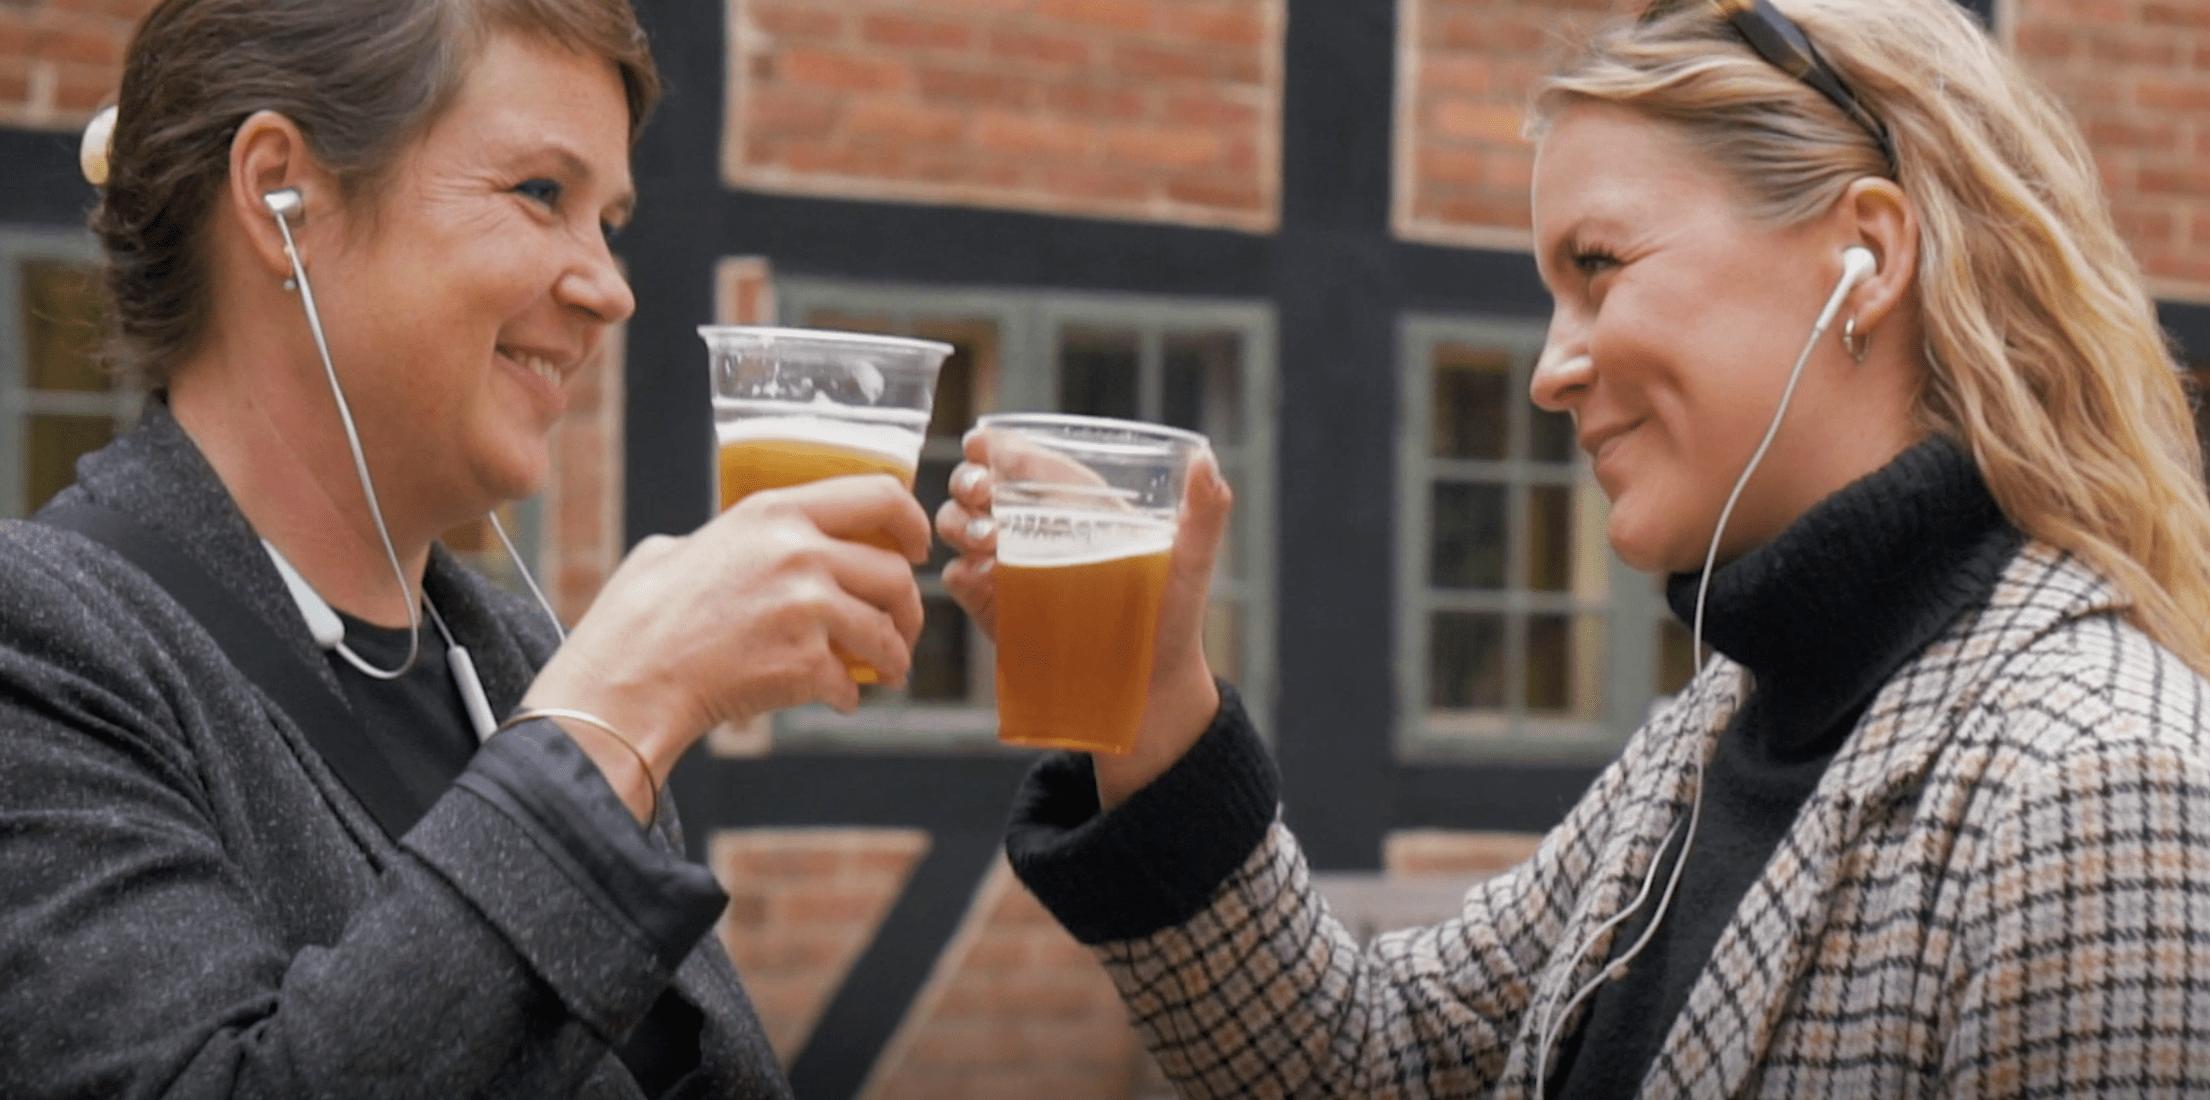 'Fra mjød til specialøl' er titlen på den nye interactive podcast, der bringer gæster og lokale ølelskere på en historisk ølvandring i Odense. (Foto: Destination Fyn)